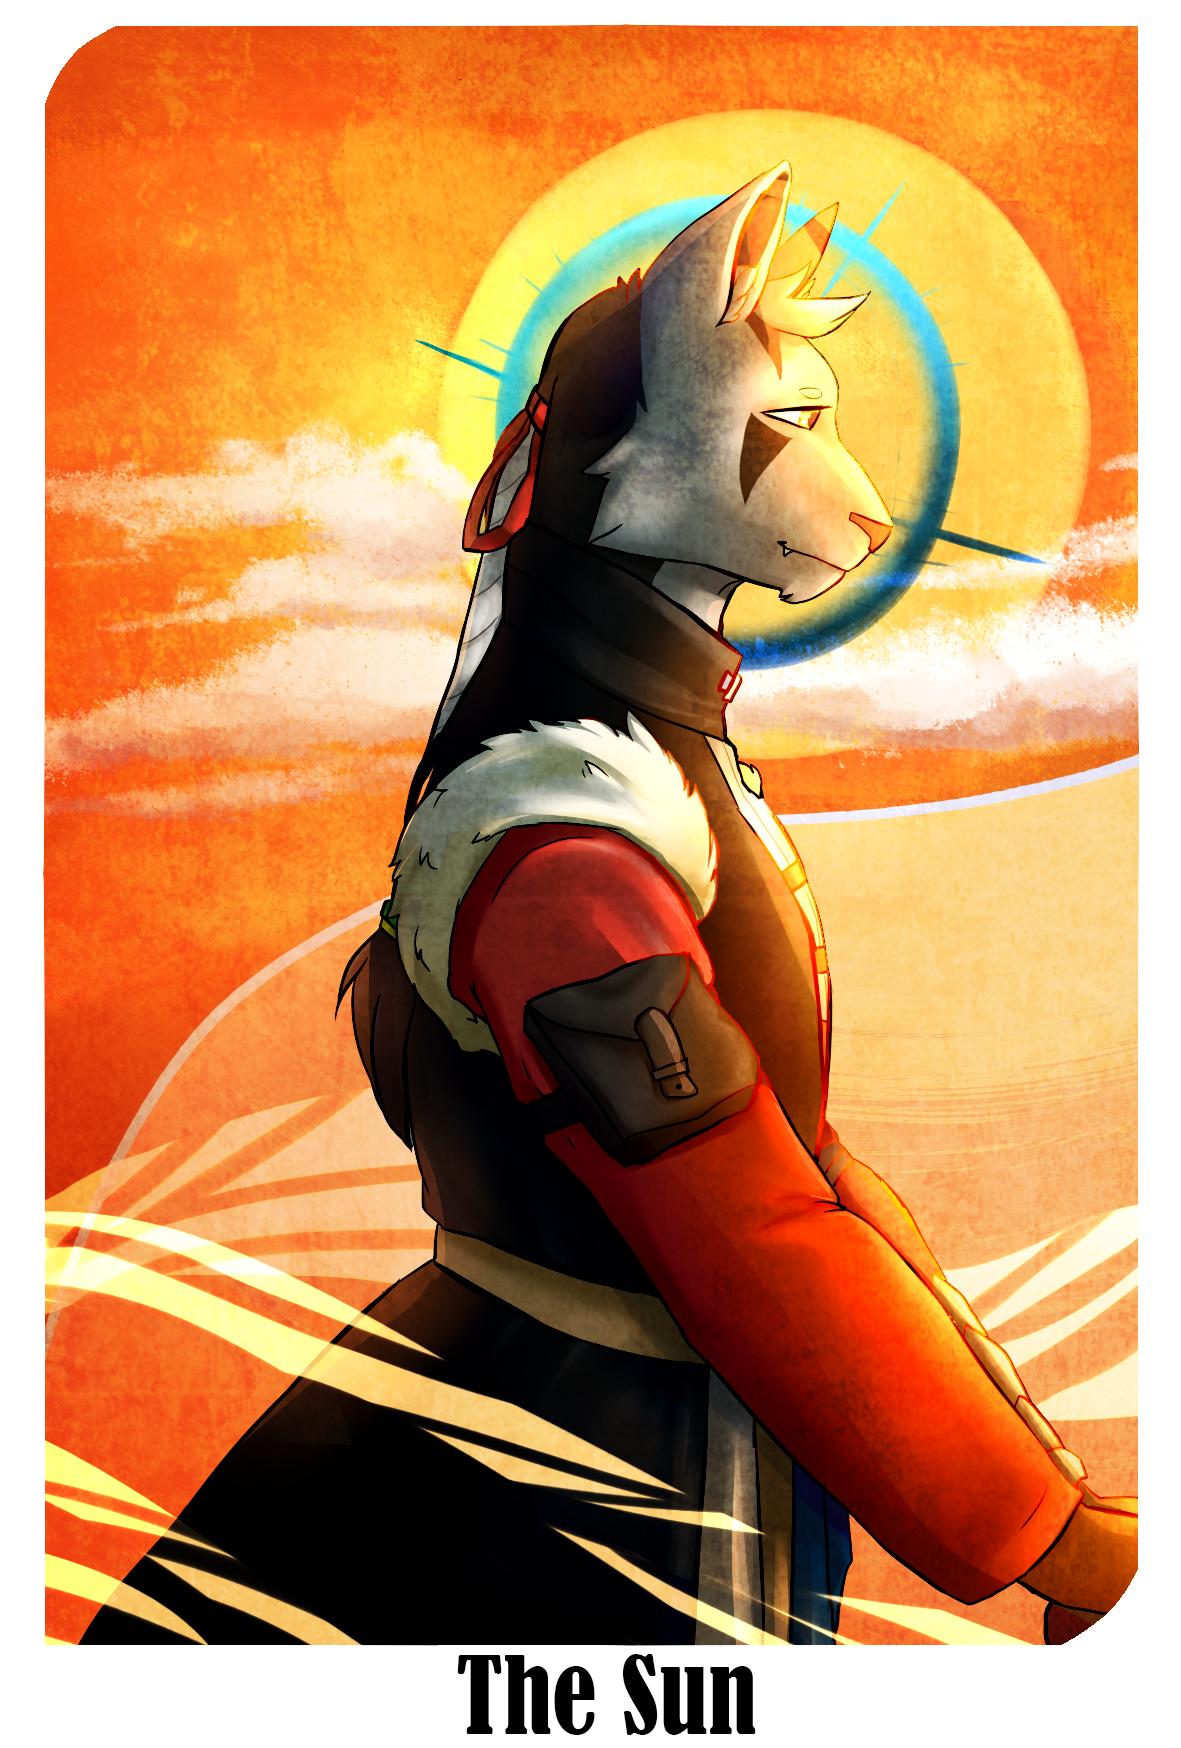 Tarot cards: The Sun